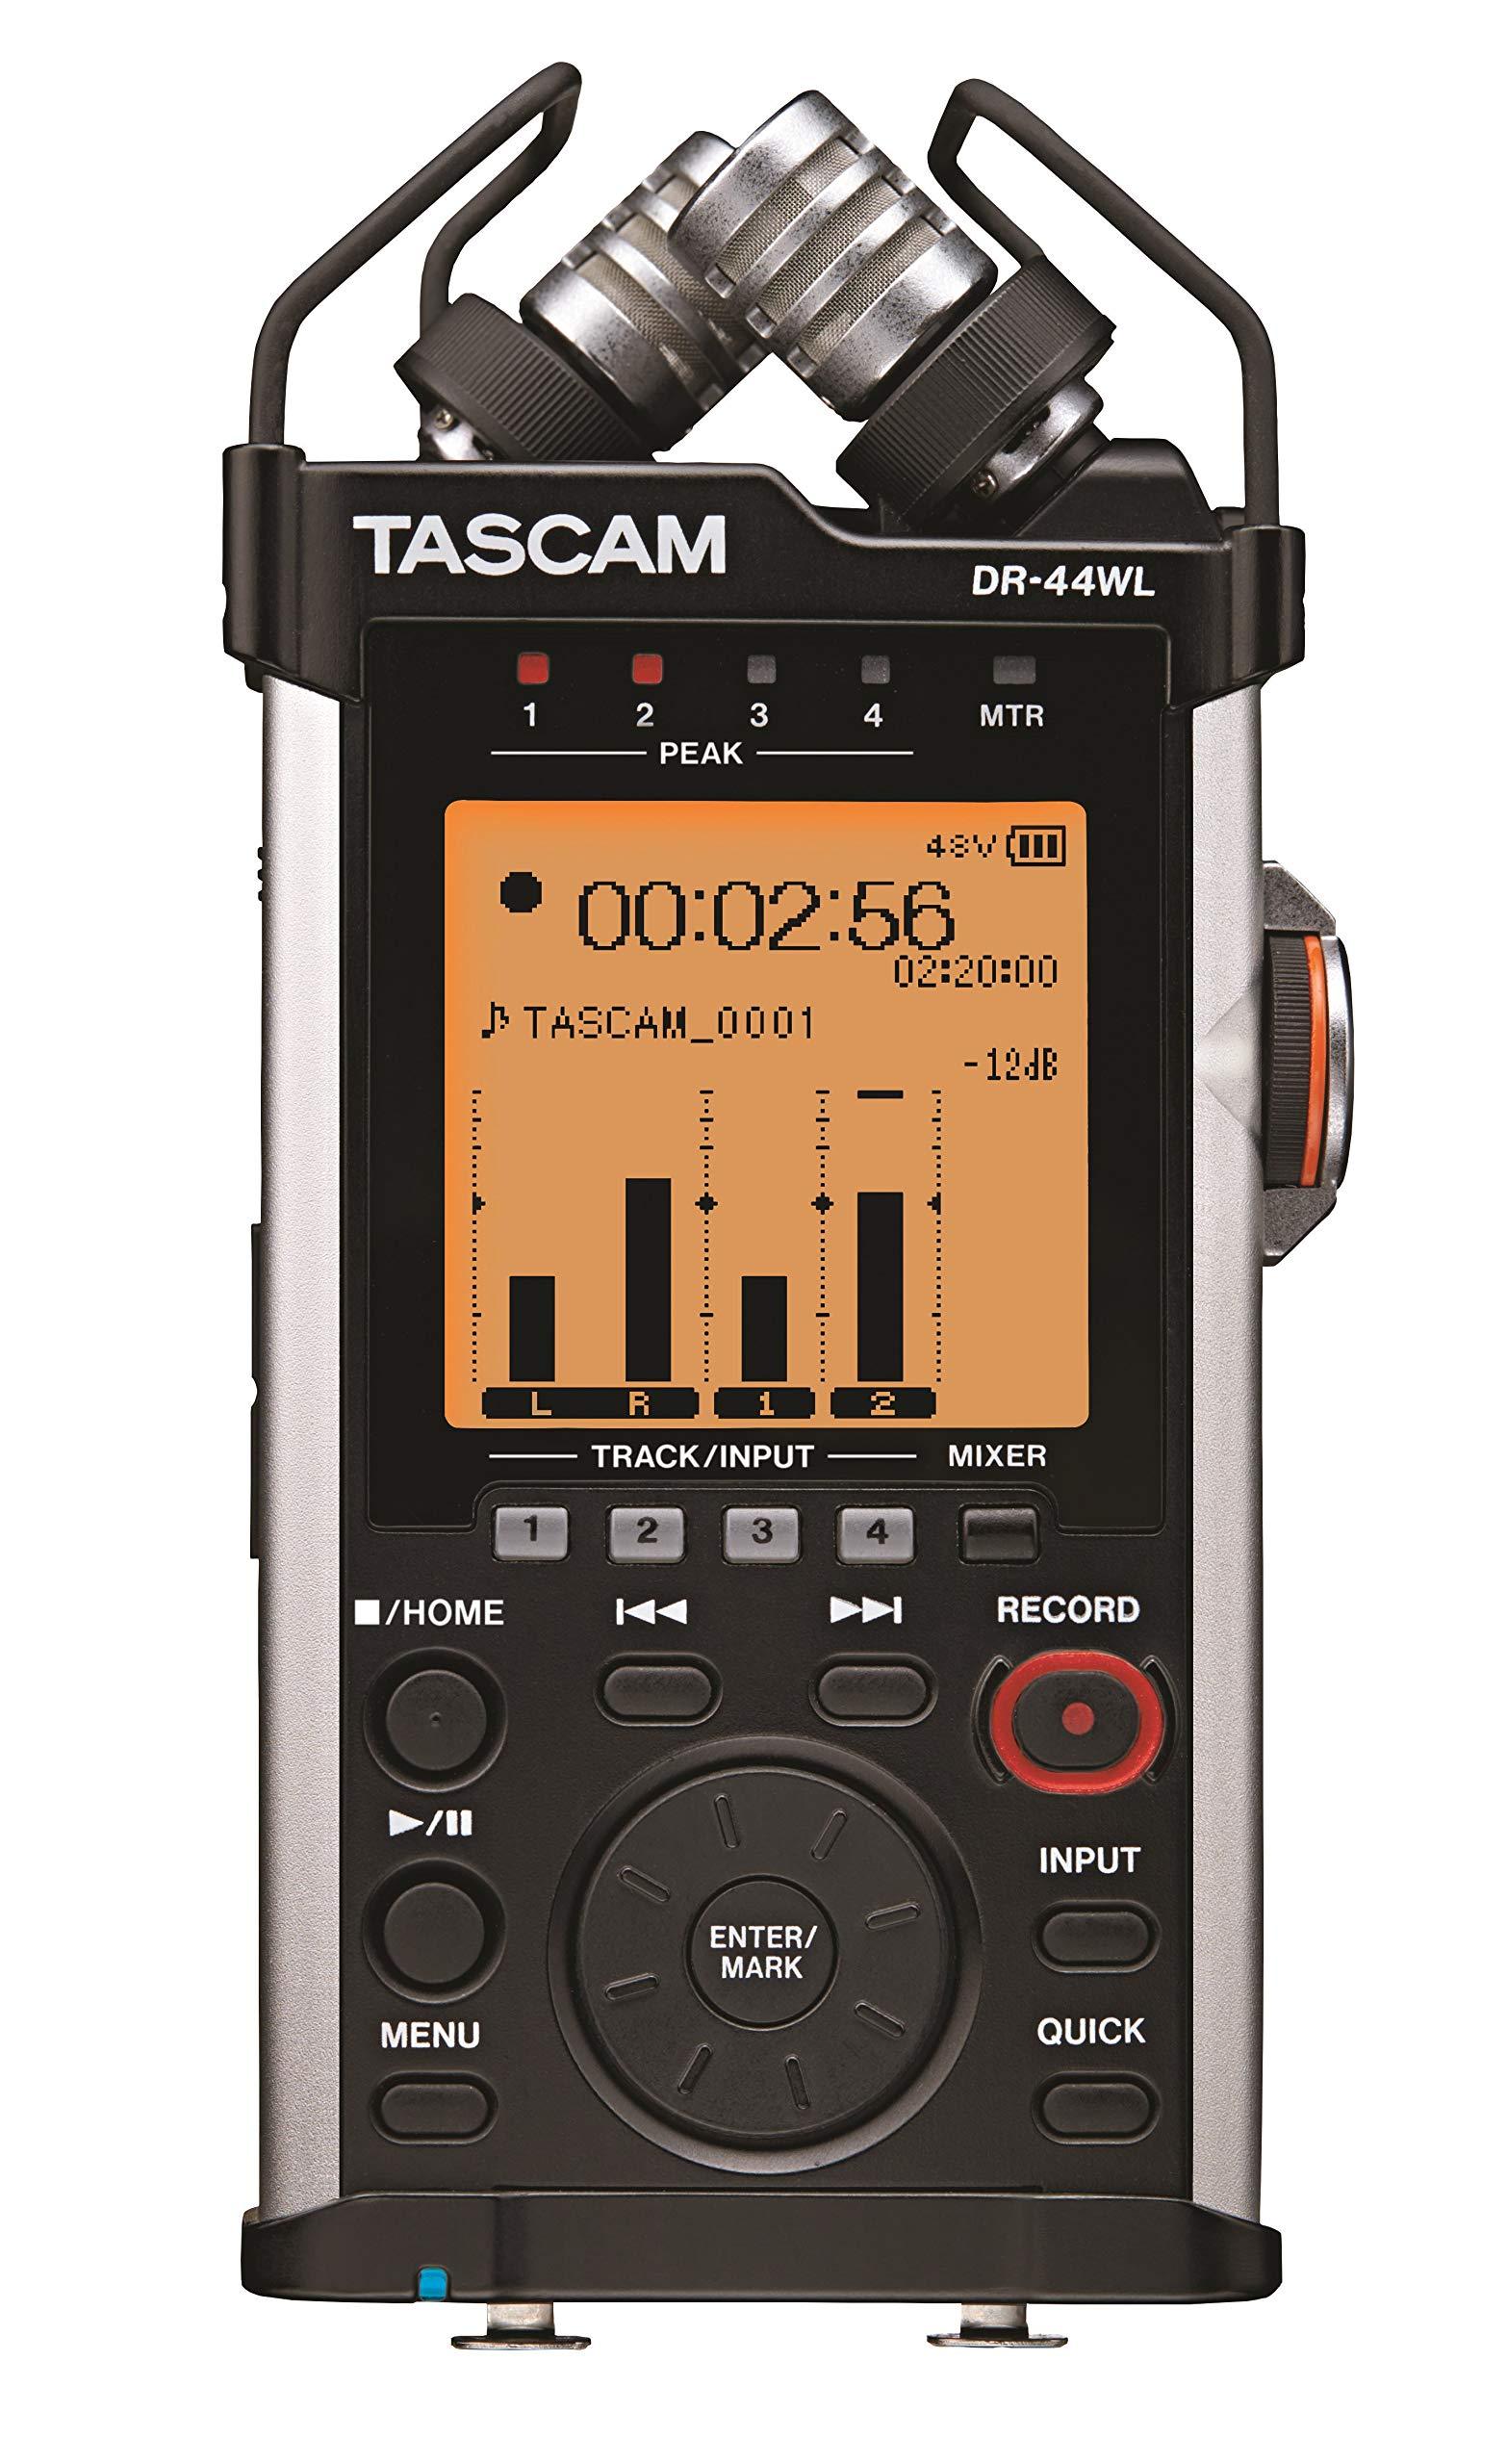 Tascam DR-44WL – Enregistreur de poche 4 pistes avec fonctionnalités Wi-Fi